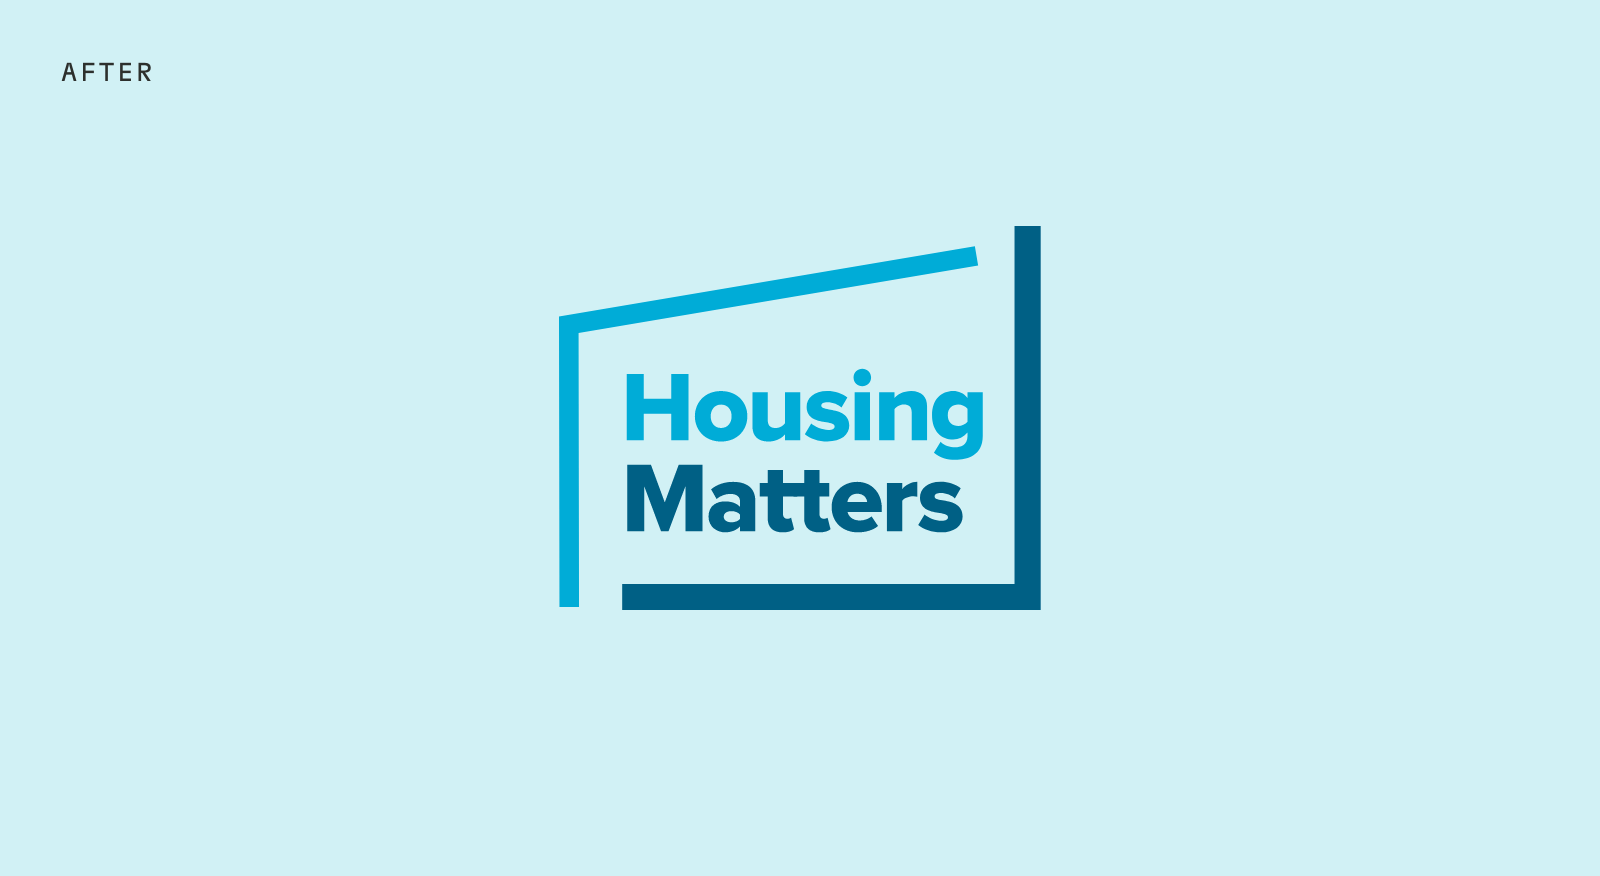 Housing Matters Logo Design - After